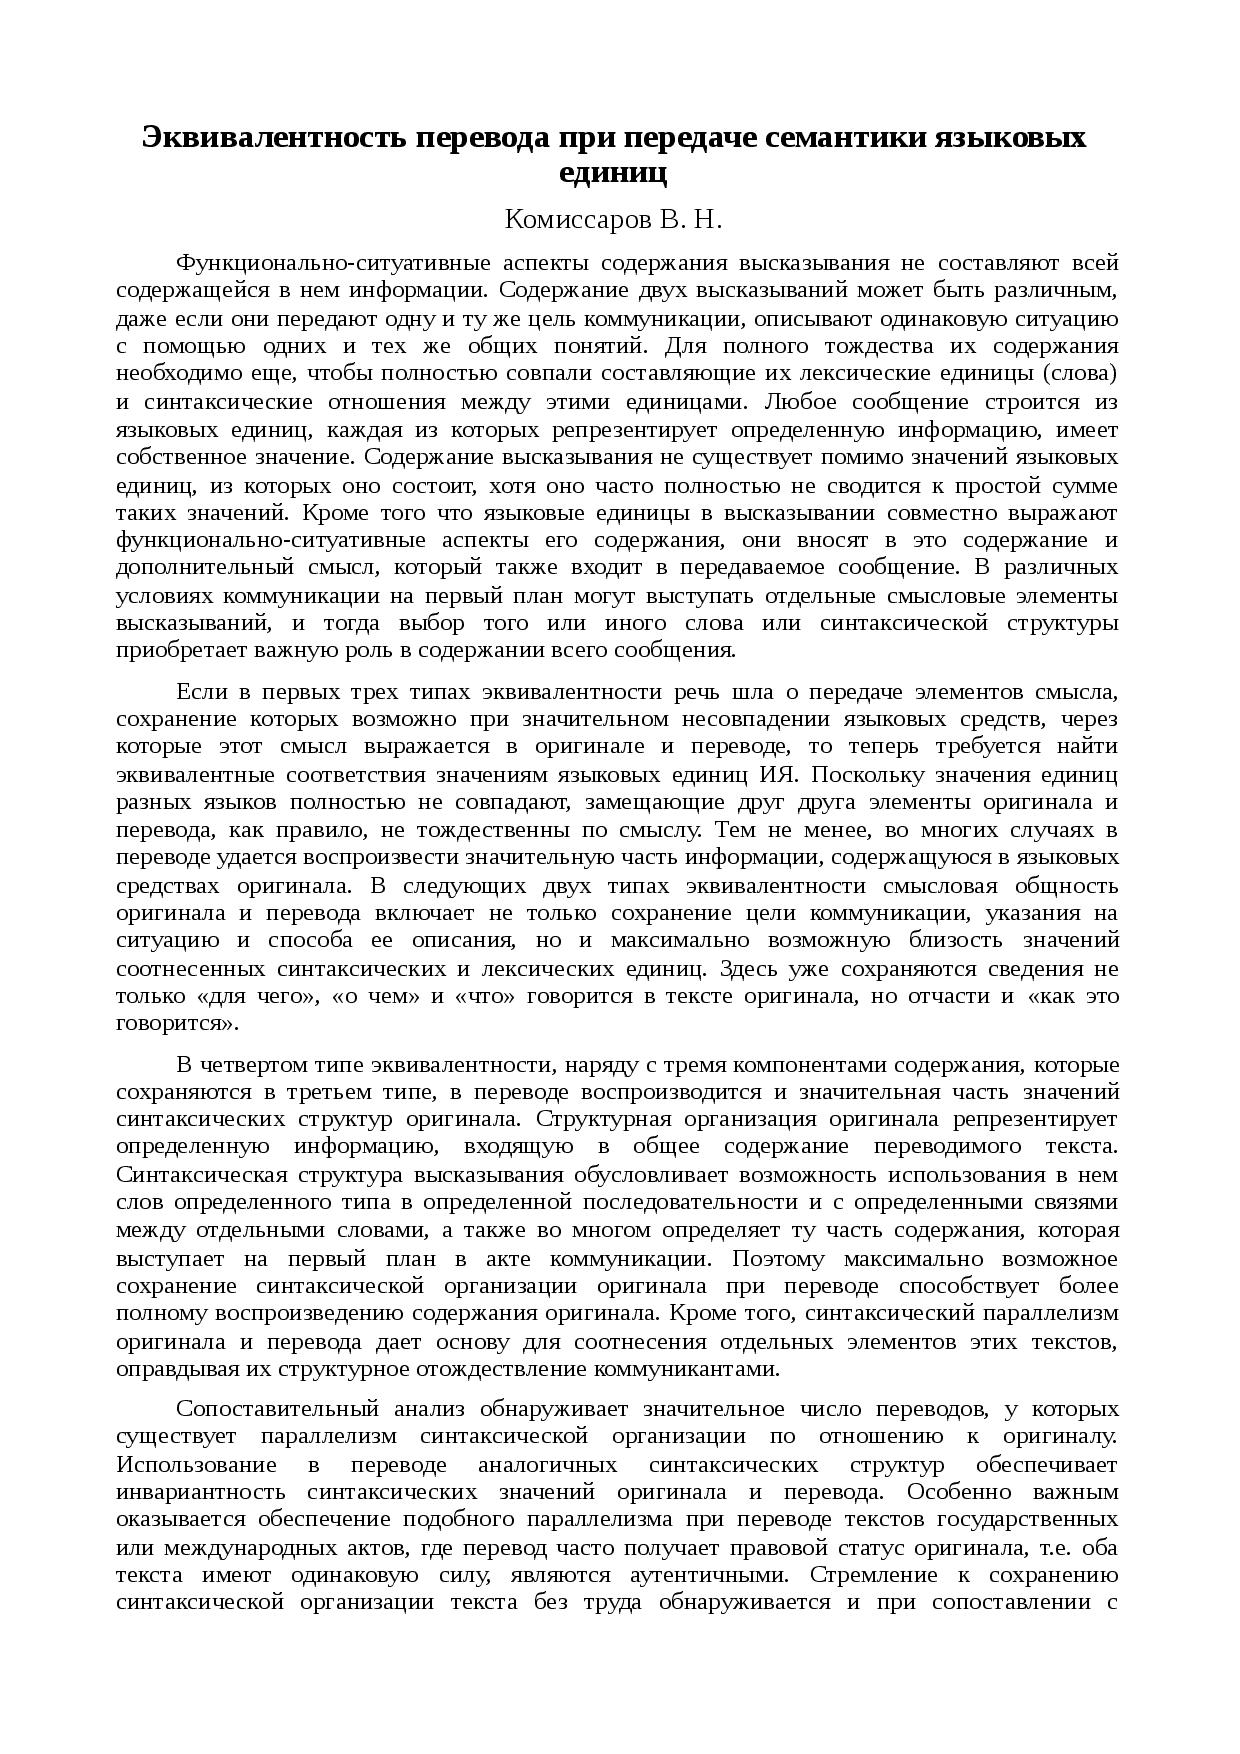 Оригинал документа. определение и виды